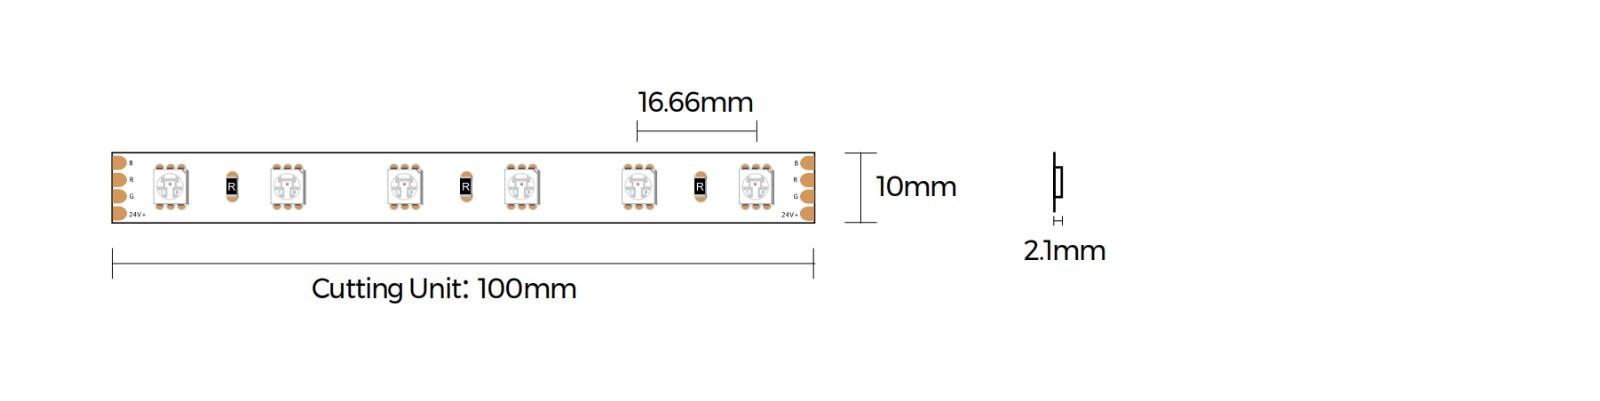 D560RGB-12V-10mm